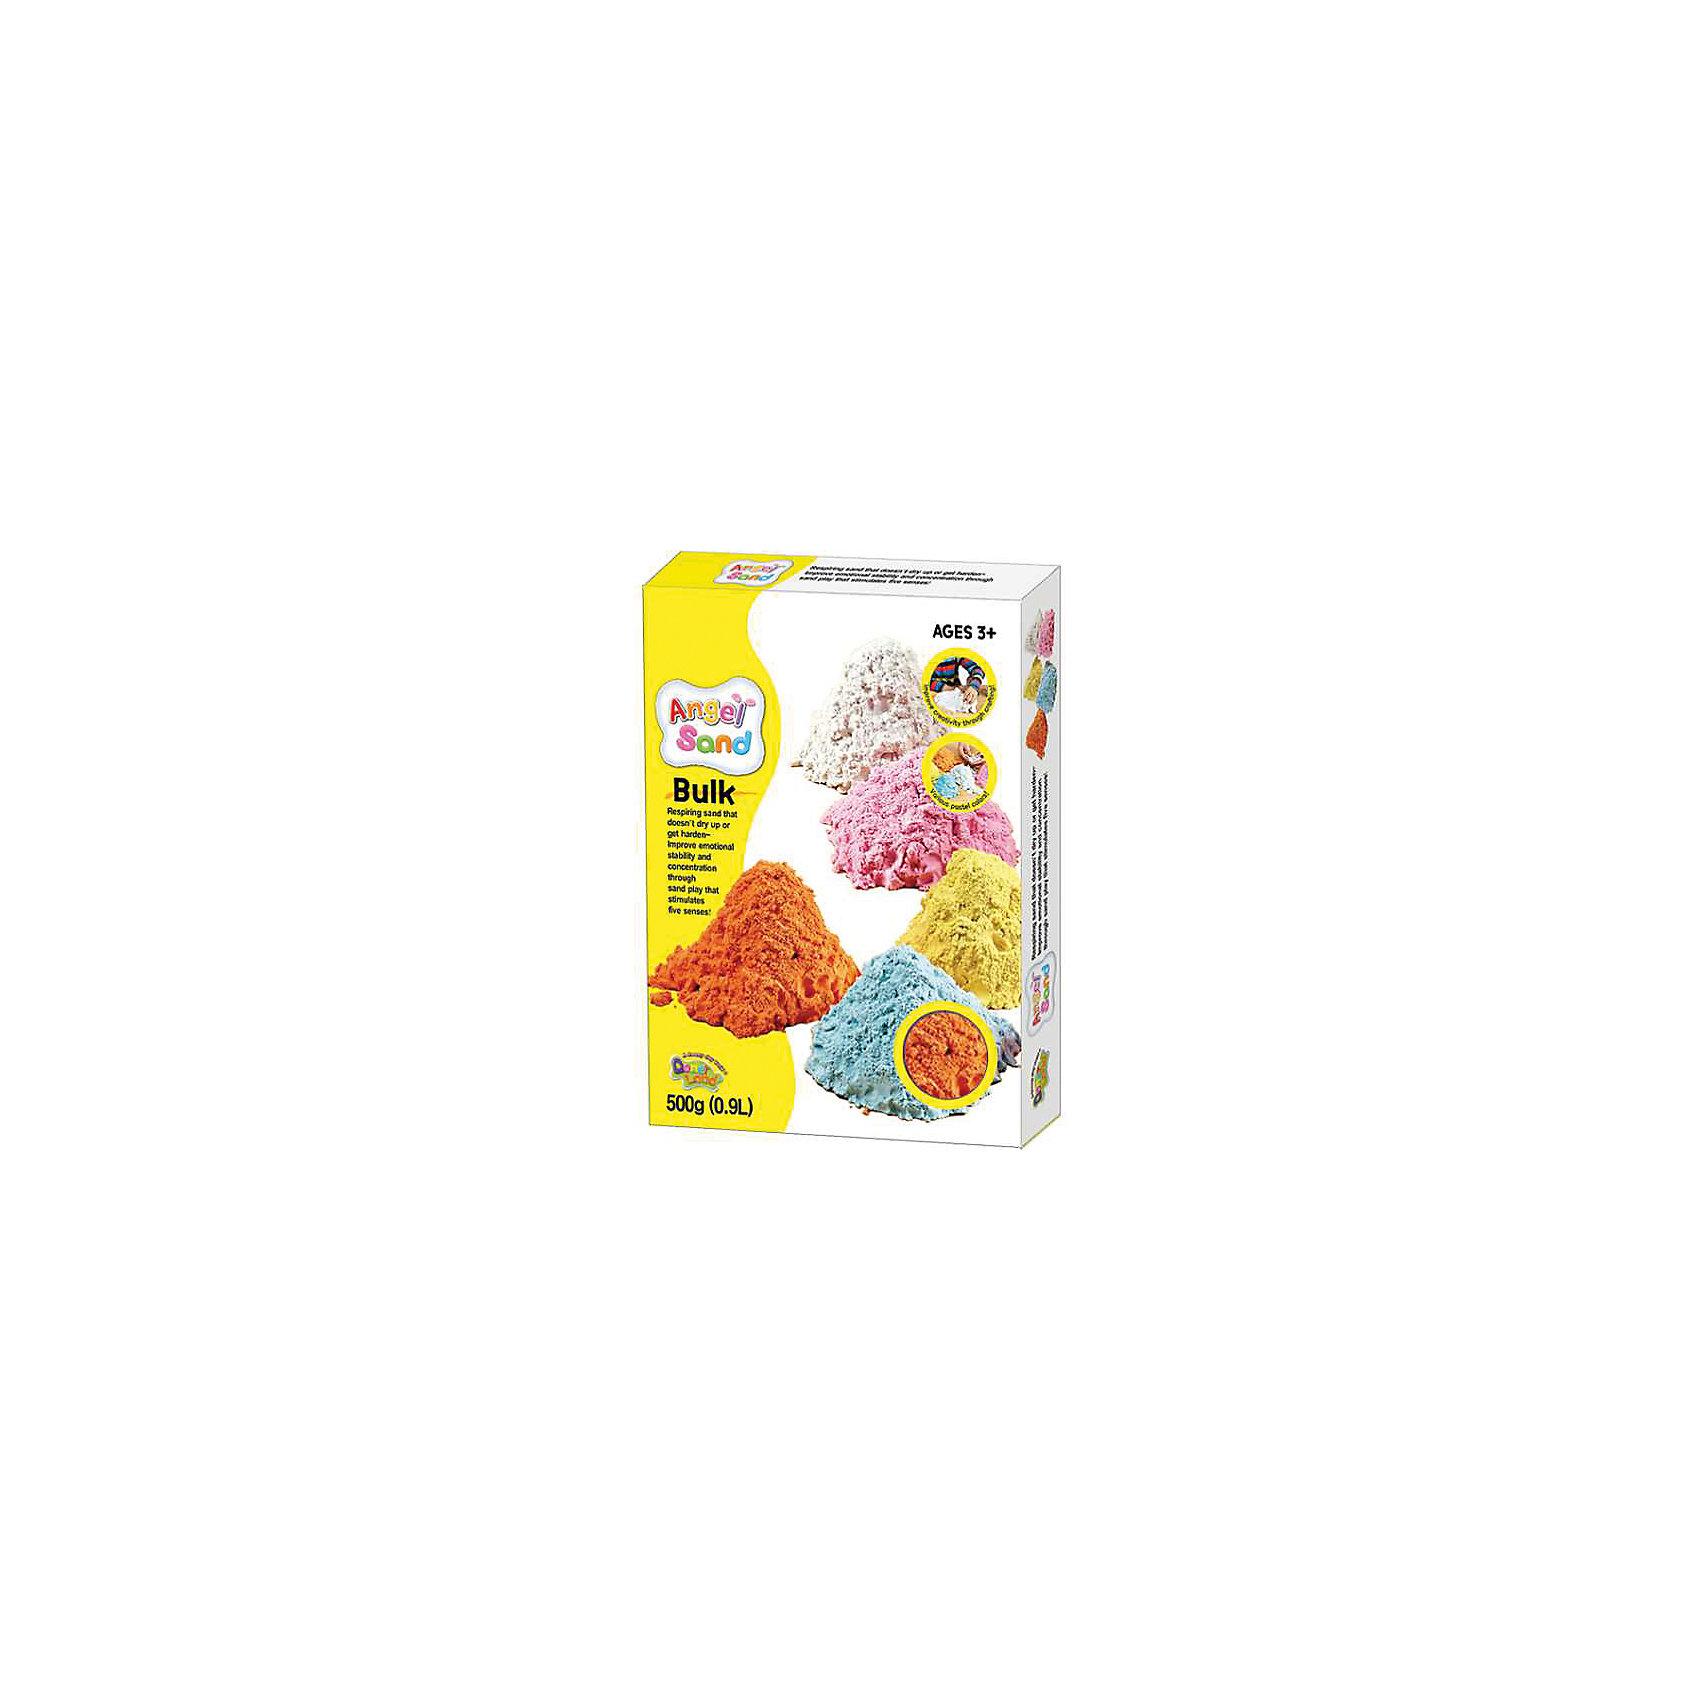 Набор для творчества Angel Sand 0,9 л (оранжевая)Набор для творчества Angel Sand 0,9 л (оранжевый).<br><br>Характеристики:<br><br>• Состав: минеральный песок, глицерин, полимеры, антибактериальные добавки.<br>• Размер упаковки: 22 х 16 х 3 см<br>• В упаковке:<br>- Песок оранжевый - 0.9 л.<br>- Формочки «Крепость» 2 шт.<br><br>Аngel Sand (Анжел Санд) - это воздушно-легкий песок нового поколения для веселых игр и творчества. Песок Angel Sand обладает следующими свойствами: легко формуется, не прилипает к рукам, не сохнет, не затвердевает, легко отряхивается, не оставляет грязи, смывается водой, антибактериальный. Во время игры увеличивается в объеме в 1,5-2 раза. Не содержит отдушек. Изготовлен из натуральных компонентов с добавлением 3% увлажняющего масла. Песок водорастворимый, поэтому легко смывается при уборке, а в случае проглатывания просто выводится из организма с помощью воды. Безопасен и нетоксичен. <br><br>Набор для творчества Angel Sand 0,9 л (оранжевый) можно купить в нашем интернет – магазине.<br><br>Ширина мм: 140<br>Глубина мм: 200<br>Высота мм: 60<br>Вес г: 900<br>Возраст от месяцев: 36<br>Возраст до месяцев: 2147483647<br>Пол: Унисекс<br>Возраст: Детский<br>SKU: 5104614